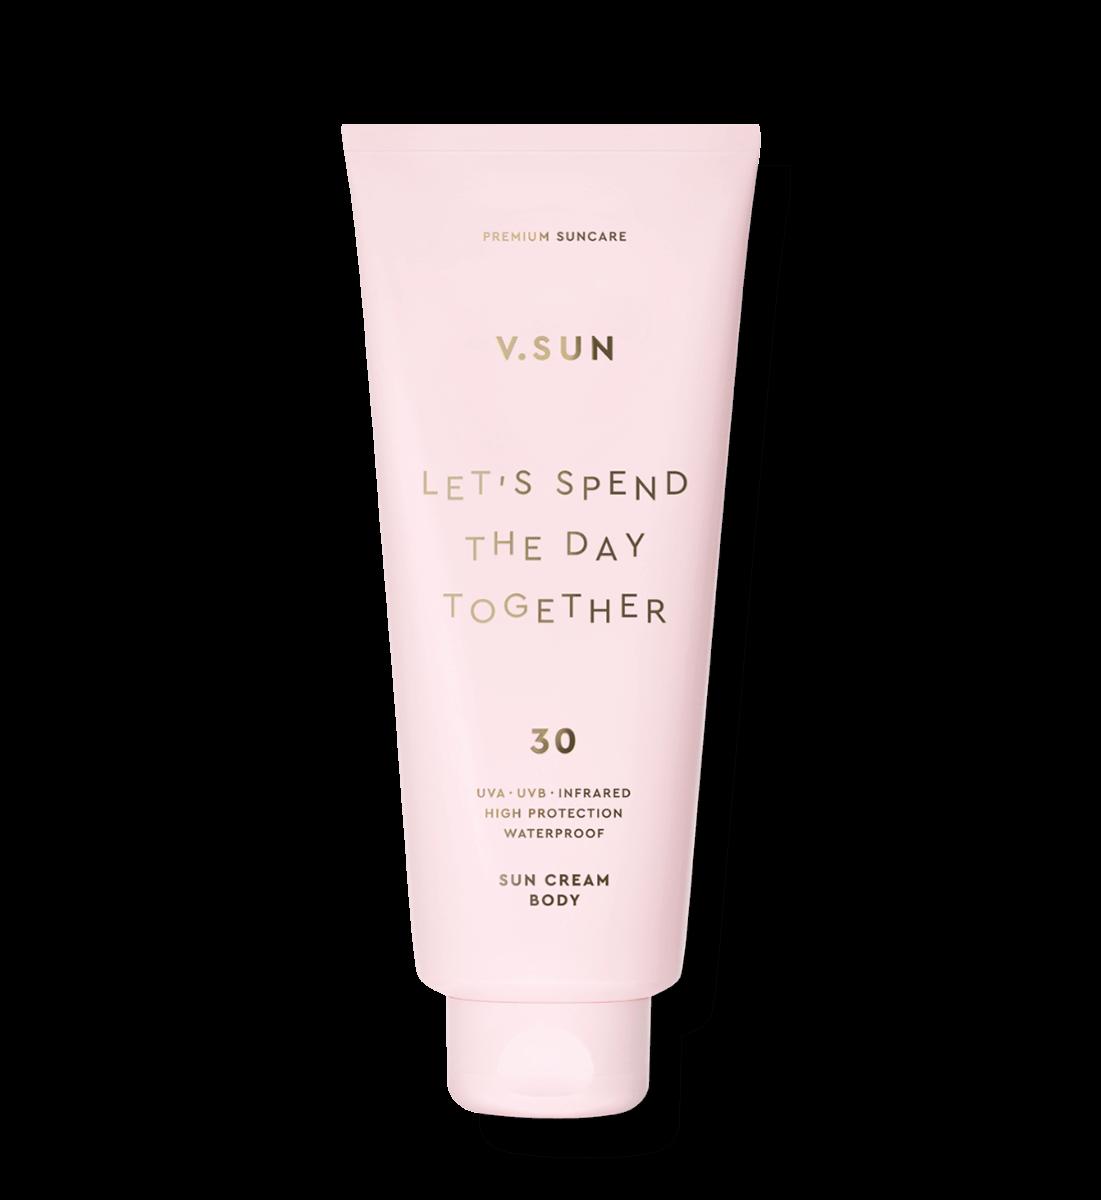 Солнцезащитный крем для тела V.SUN Sun Cream Body SPF 30